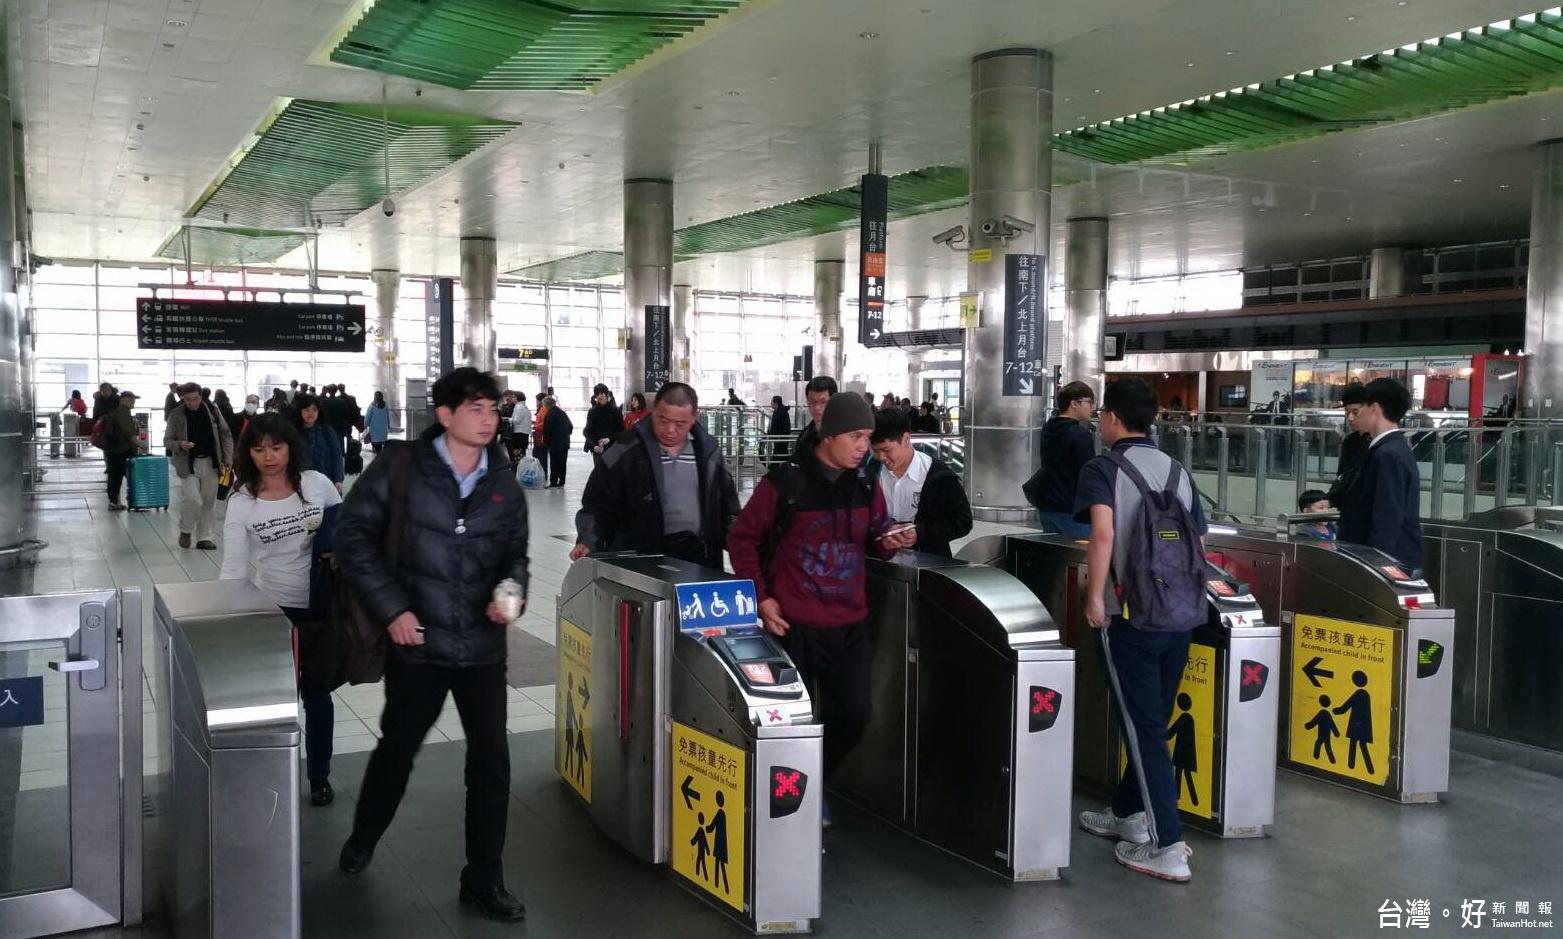 台灣高鐵清明假期疏運 加開181班次列車